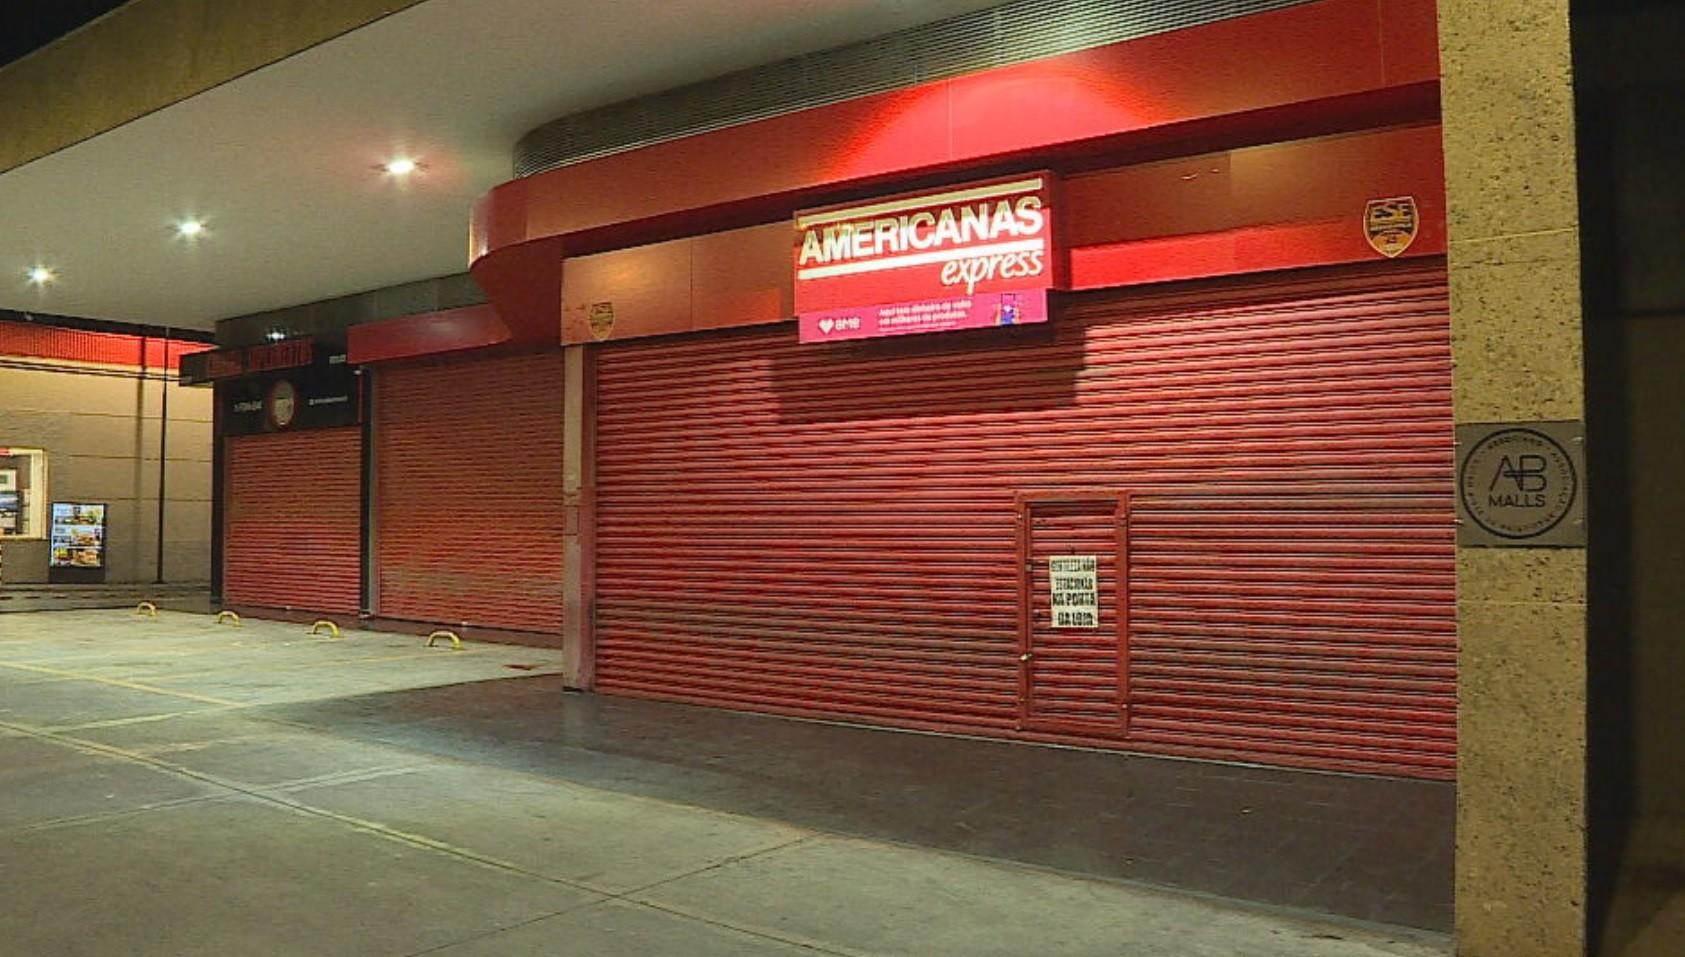 Polícia prende suspeitos de roubar loja de conveniência, em Belo Horizonte